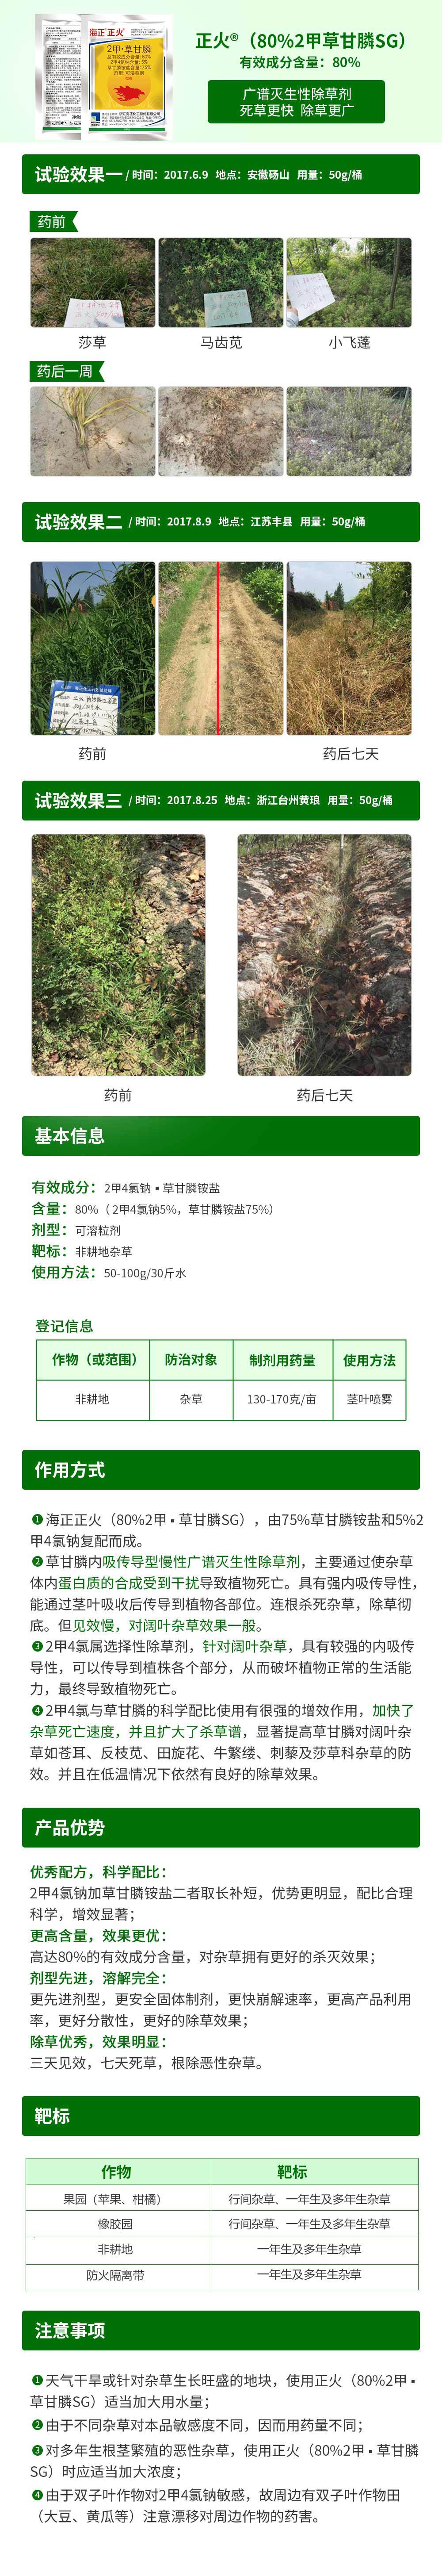 正火(80%2甲草甘膦SG)-改版.jpg